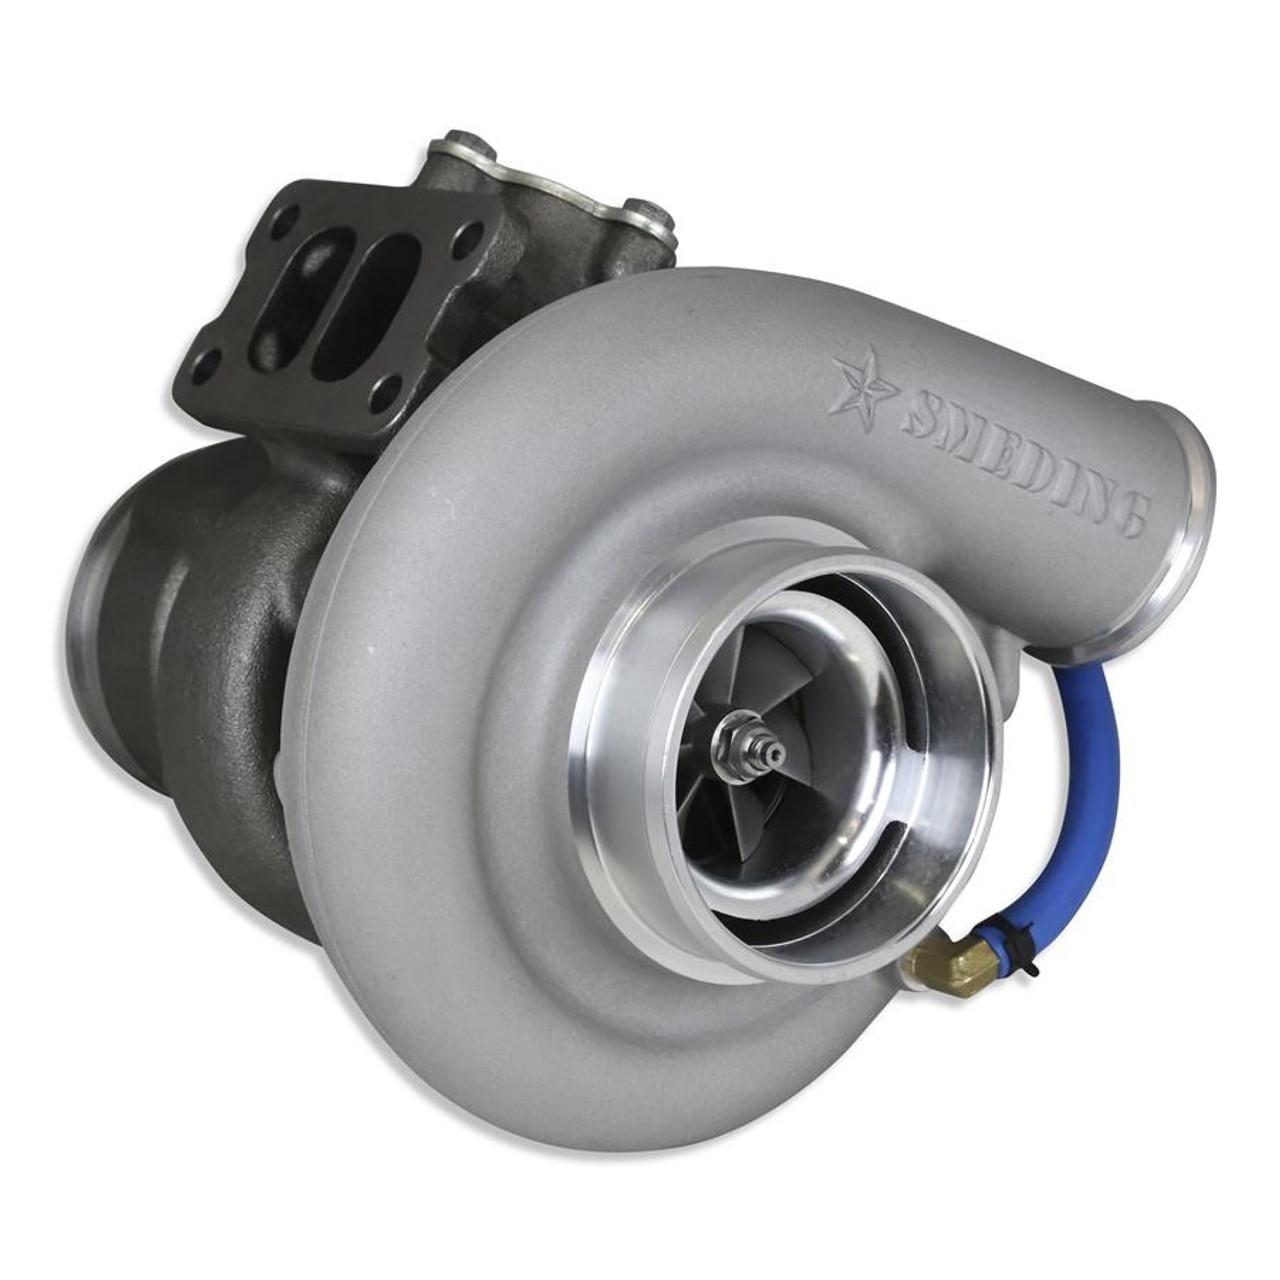 Smeding Diesel S366 Billet 6 Blade Drop in Turbo